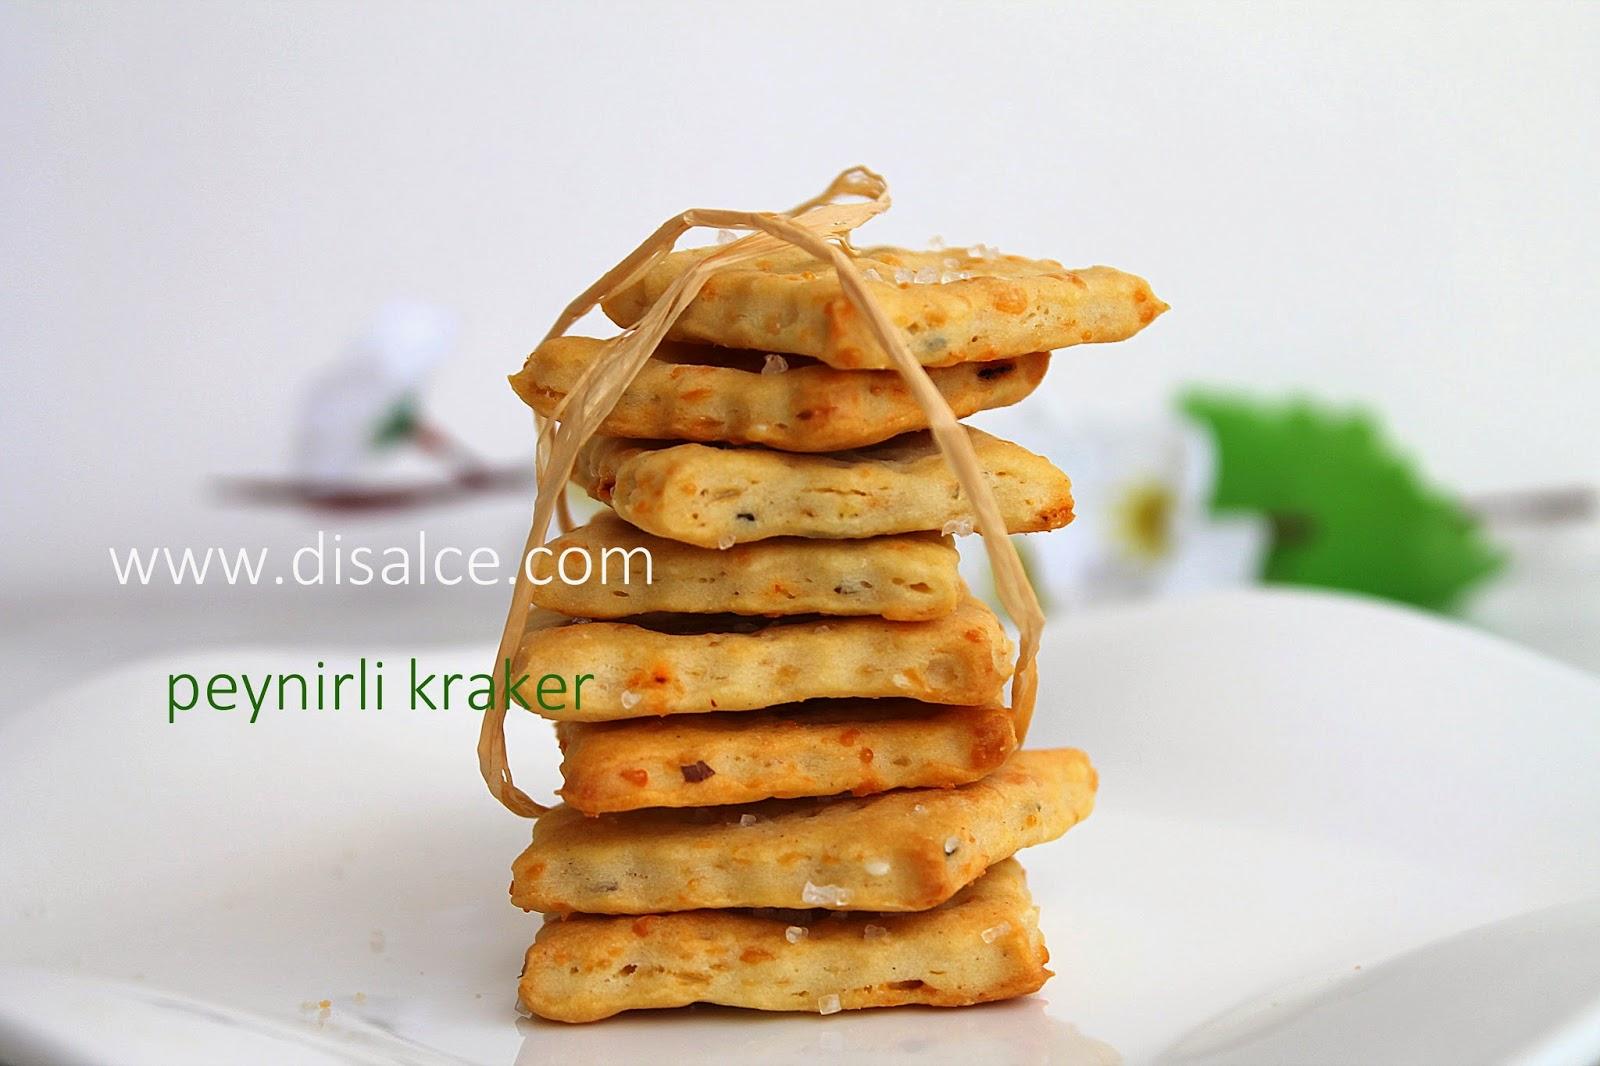 ev yapımı peynirli kraker